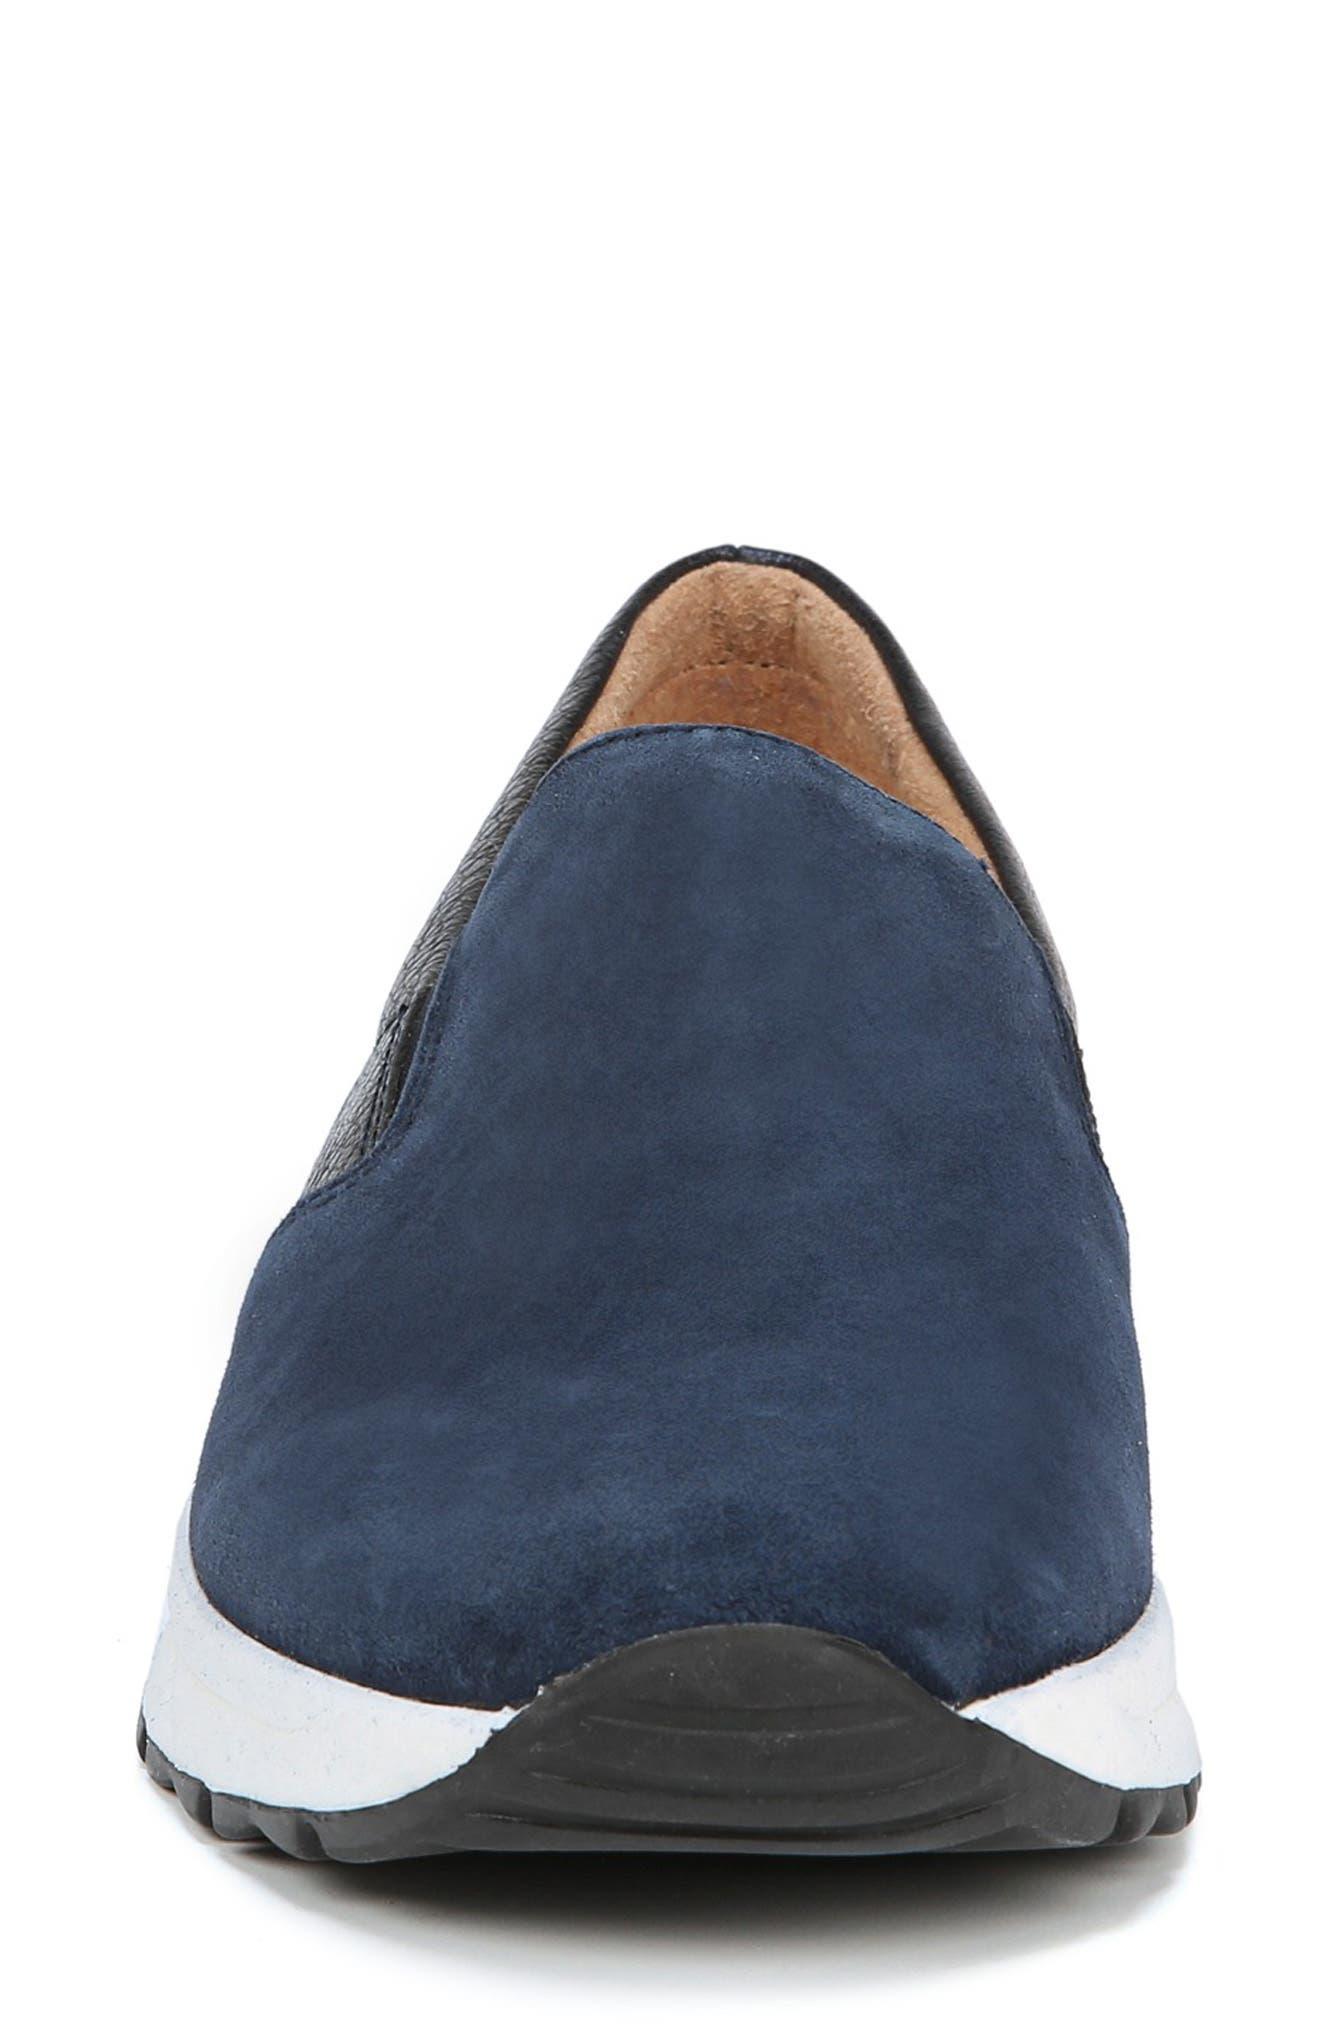 Selah Slip-On Sneaker,                             Alternate thumbnail 4, color,                             INKY NAVY SUEDE